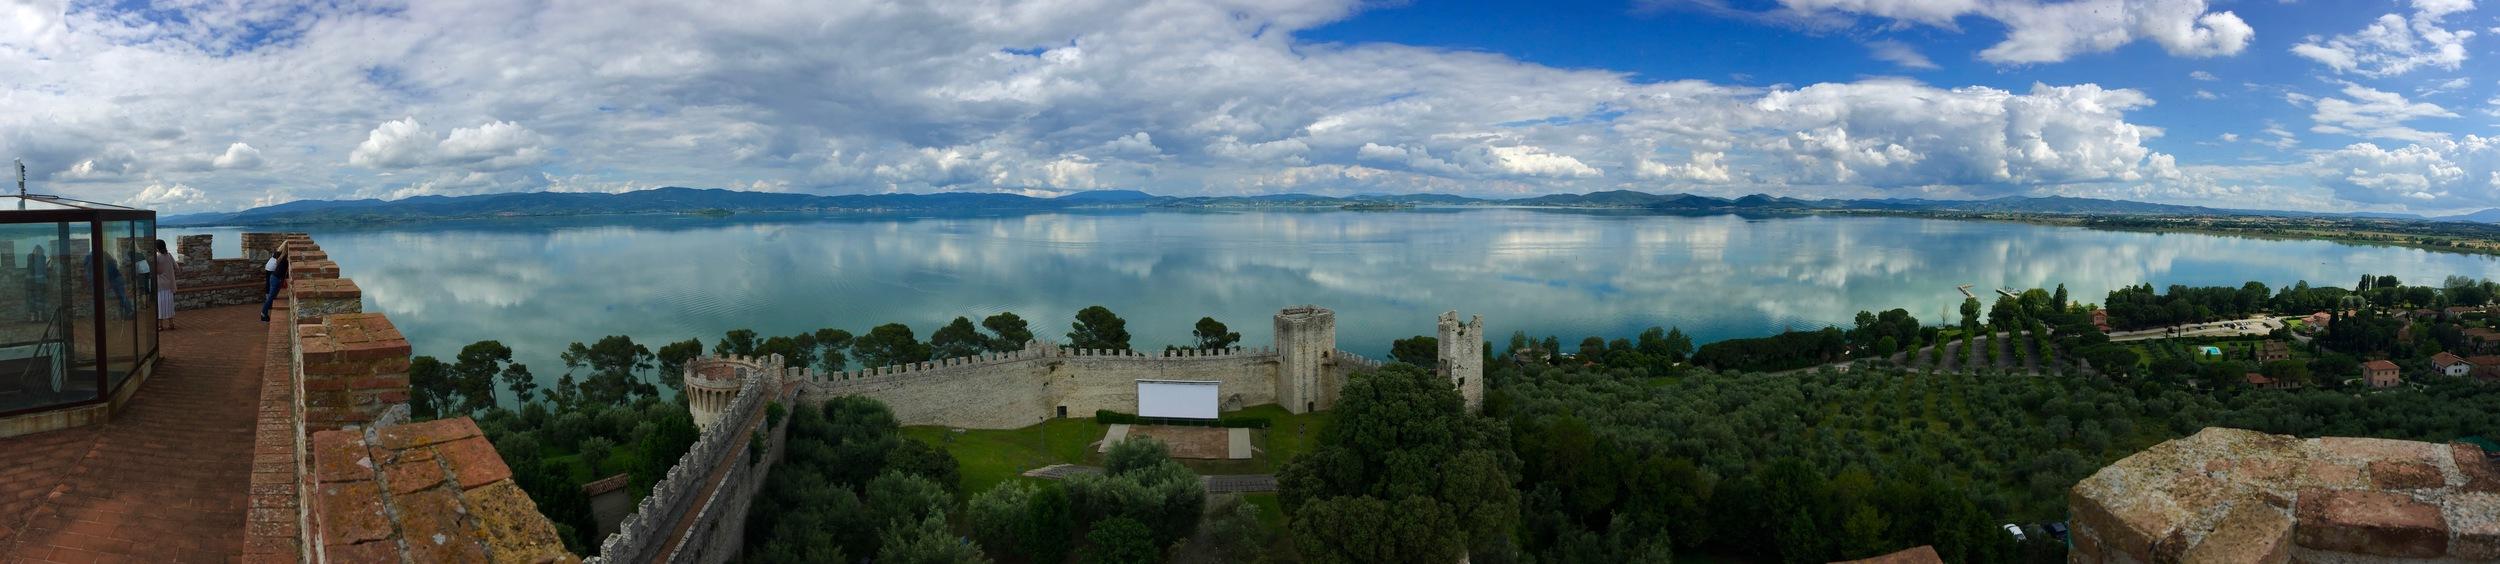 Lake Trasimeno from the castle in Castiglione de Lago